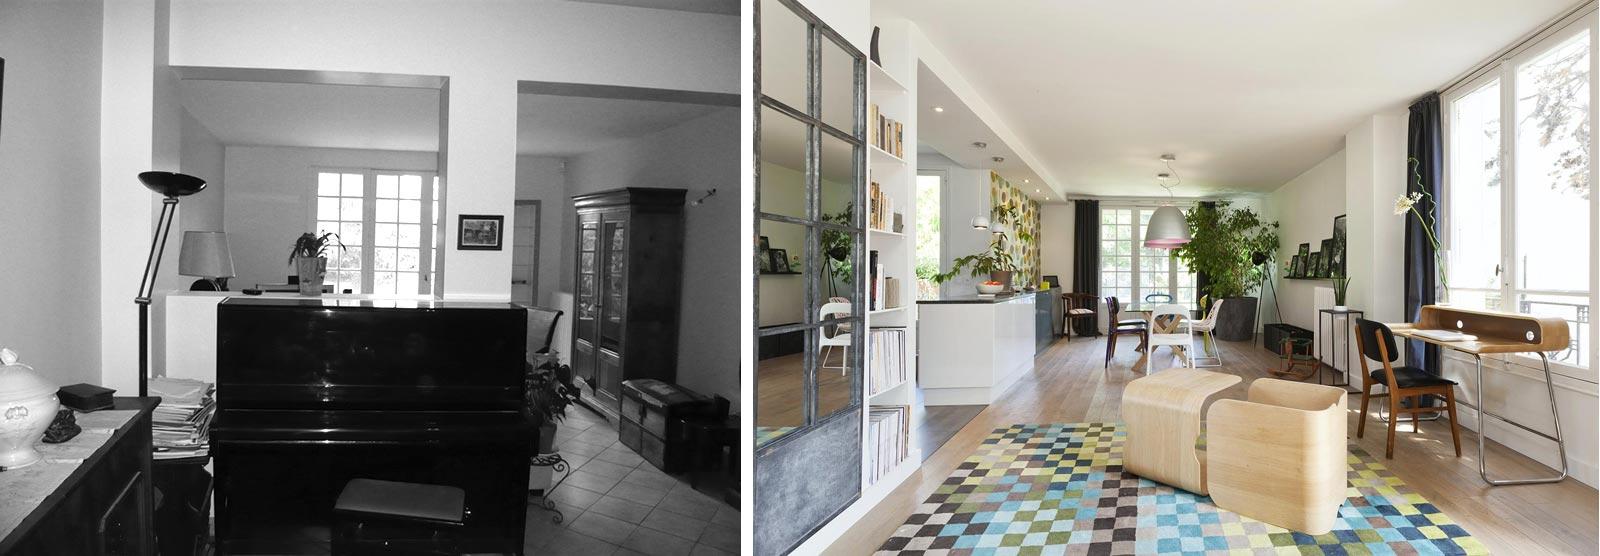 Relookibg d'intérieur du séjour : photos avant - après